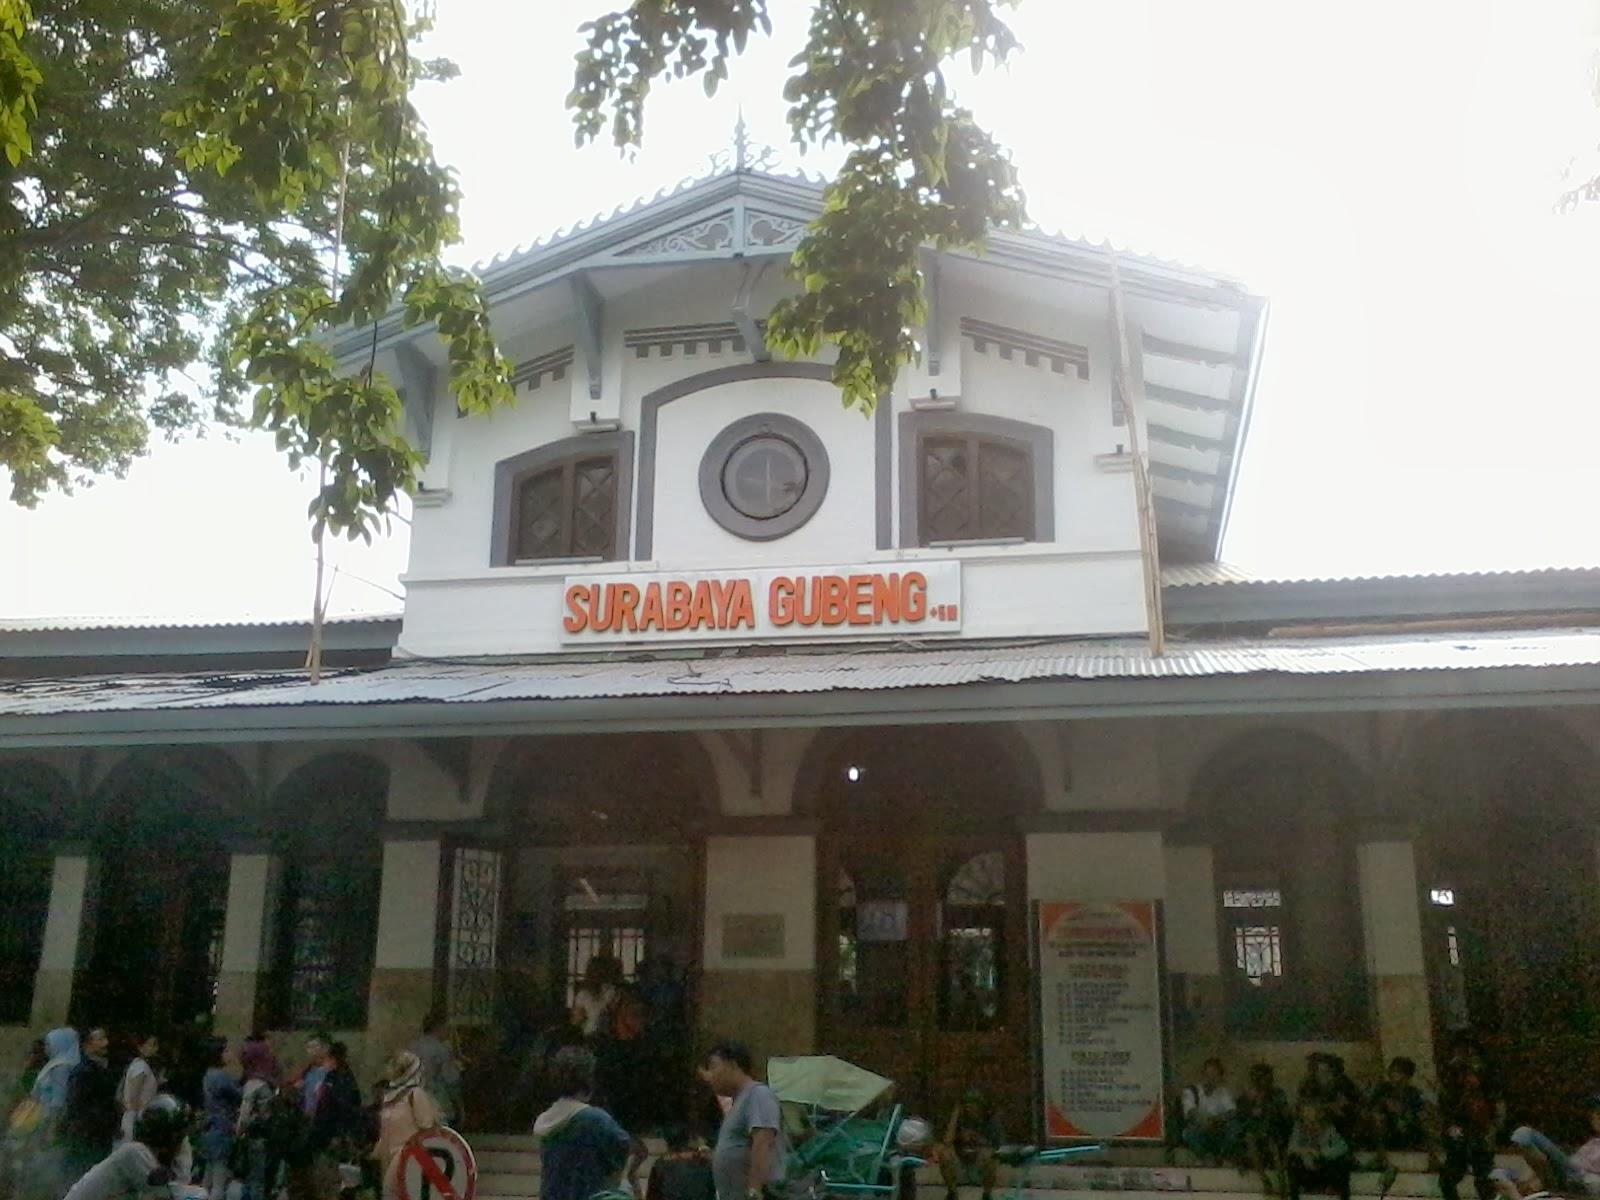 Kami Langsung Cus Menuju Seberang Jalan Untuk Membeli Rawon Selain Sarapan Pagi Bisa Juga Oleh Karena Jarak Surabaya Dan Jogja